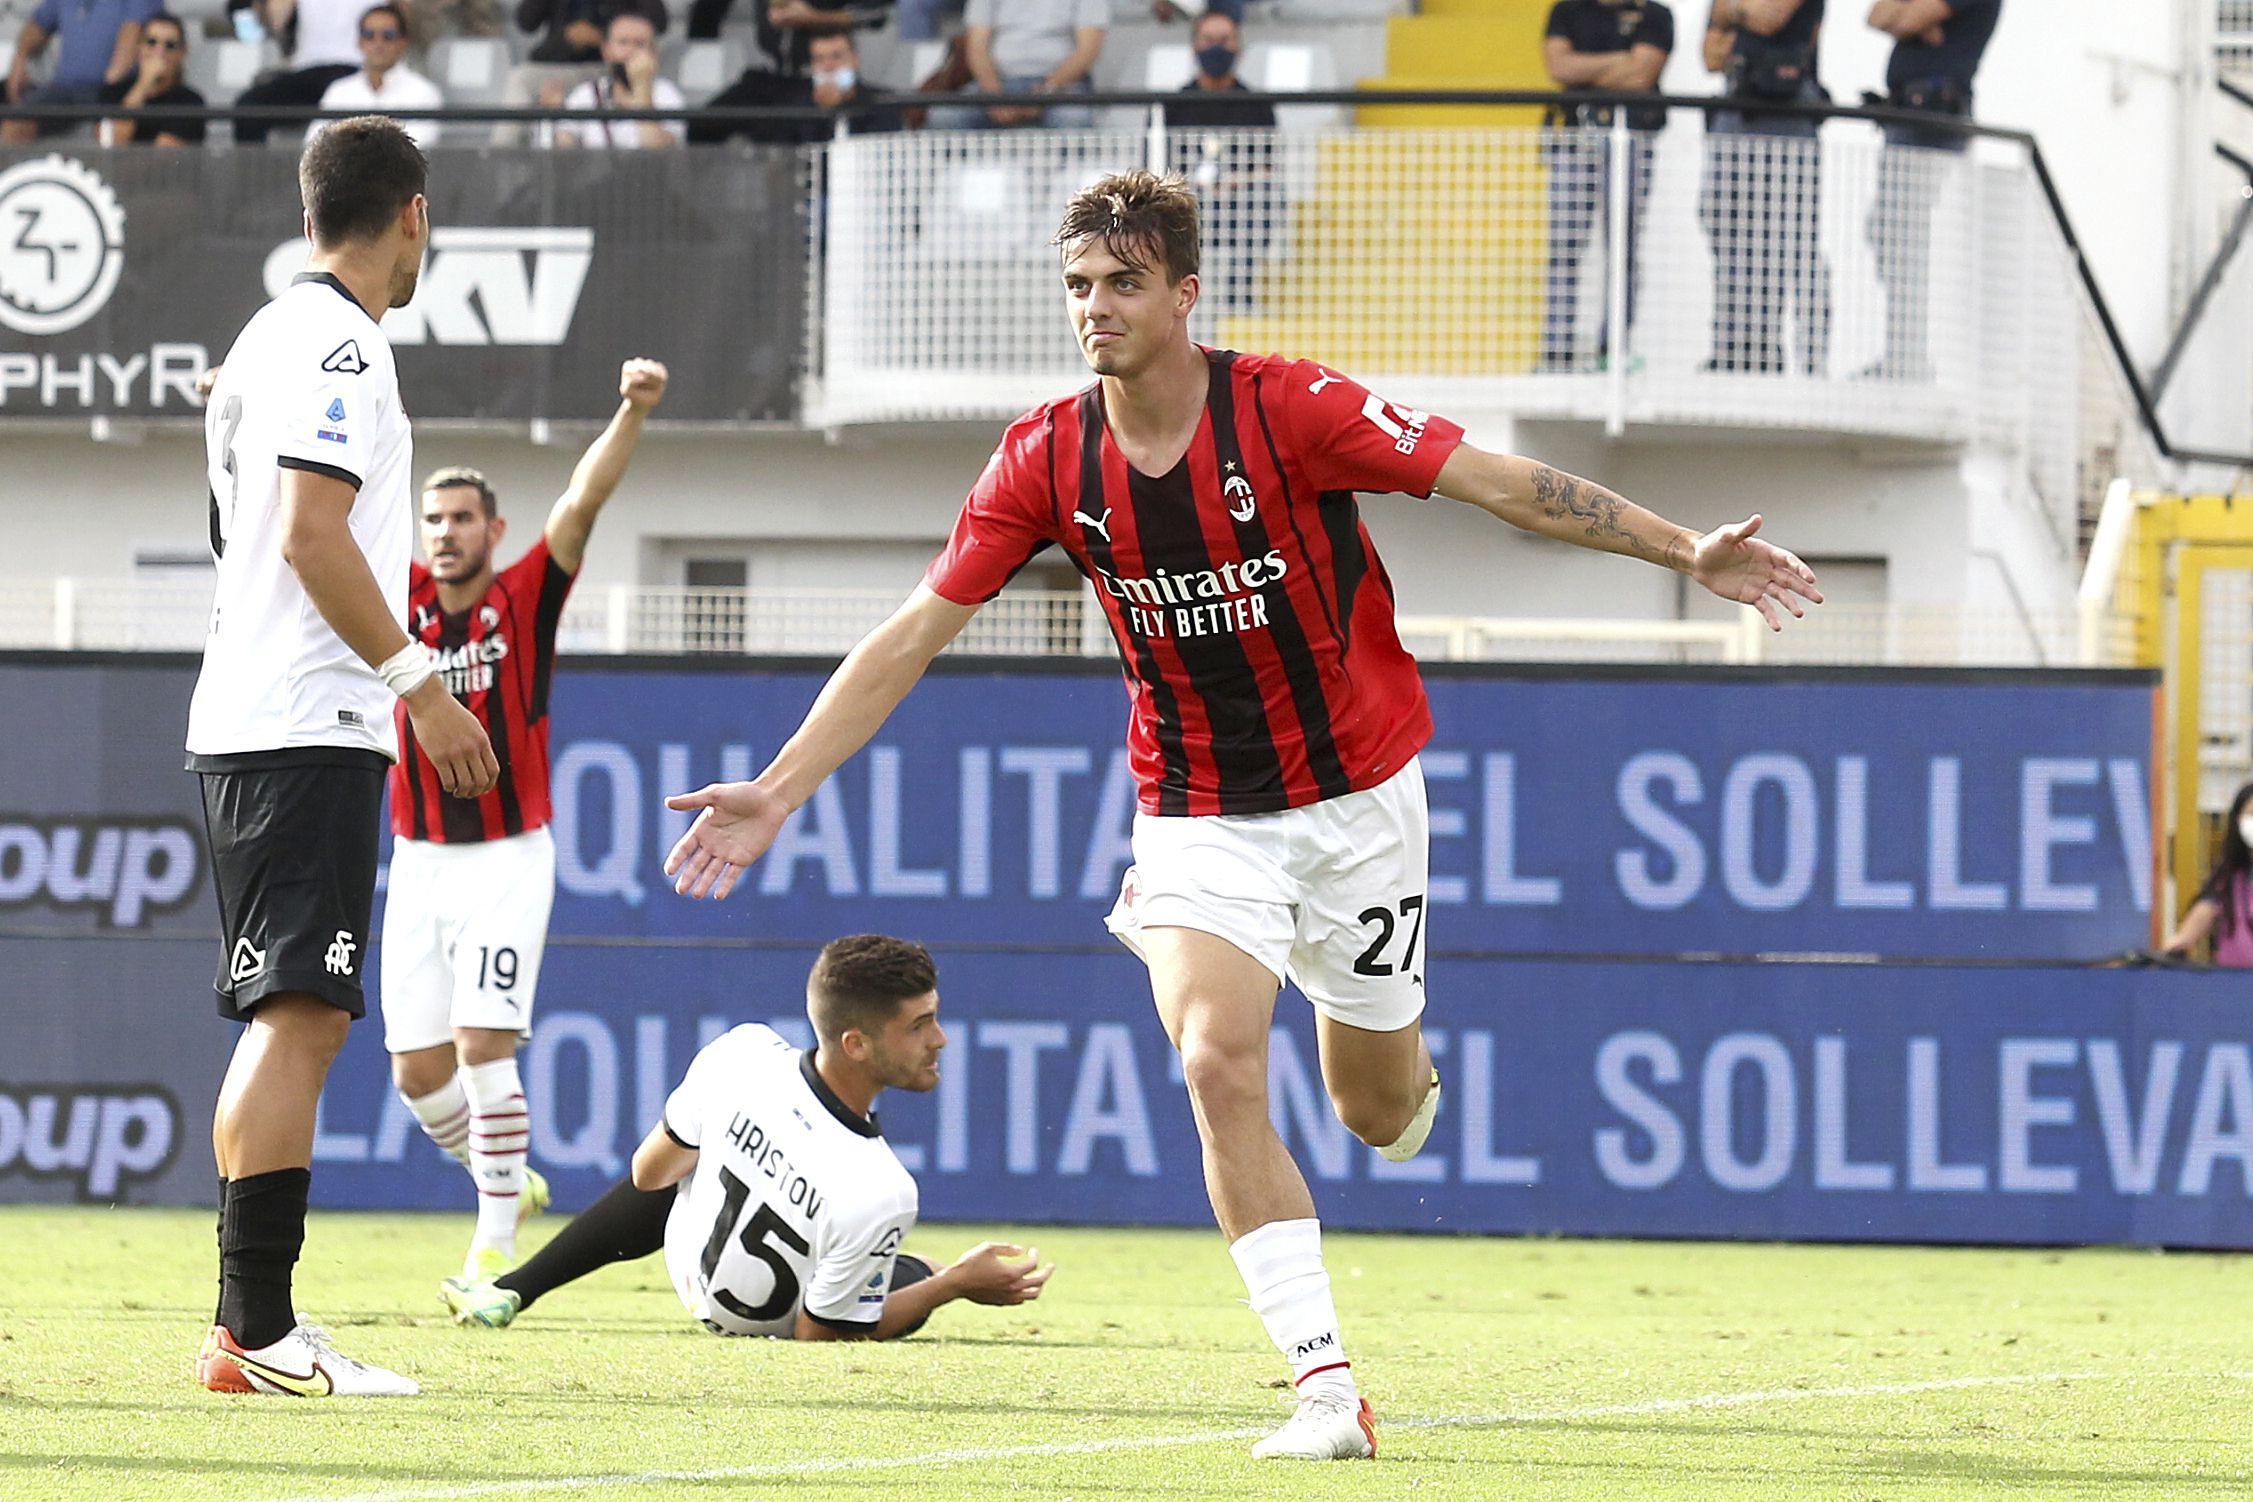 Maldini de 3ra generación anota en liga italiana